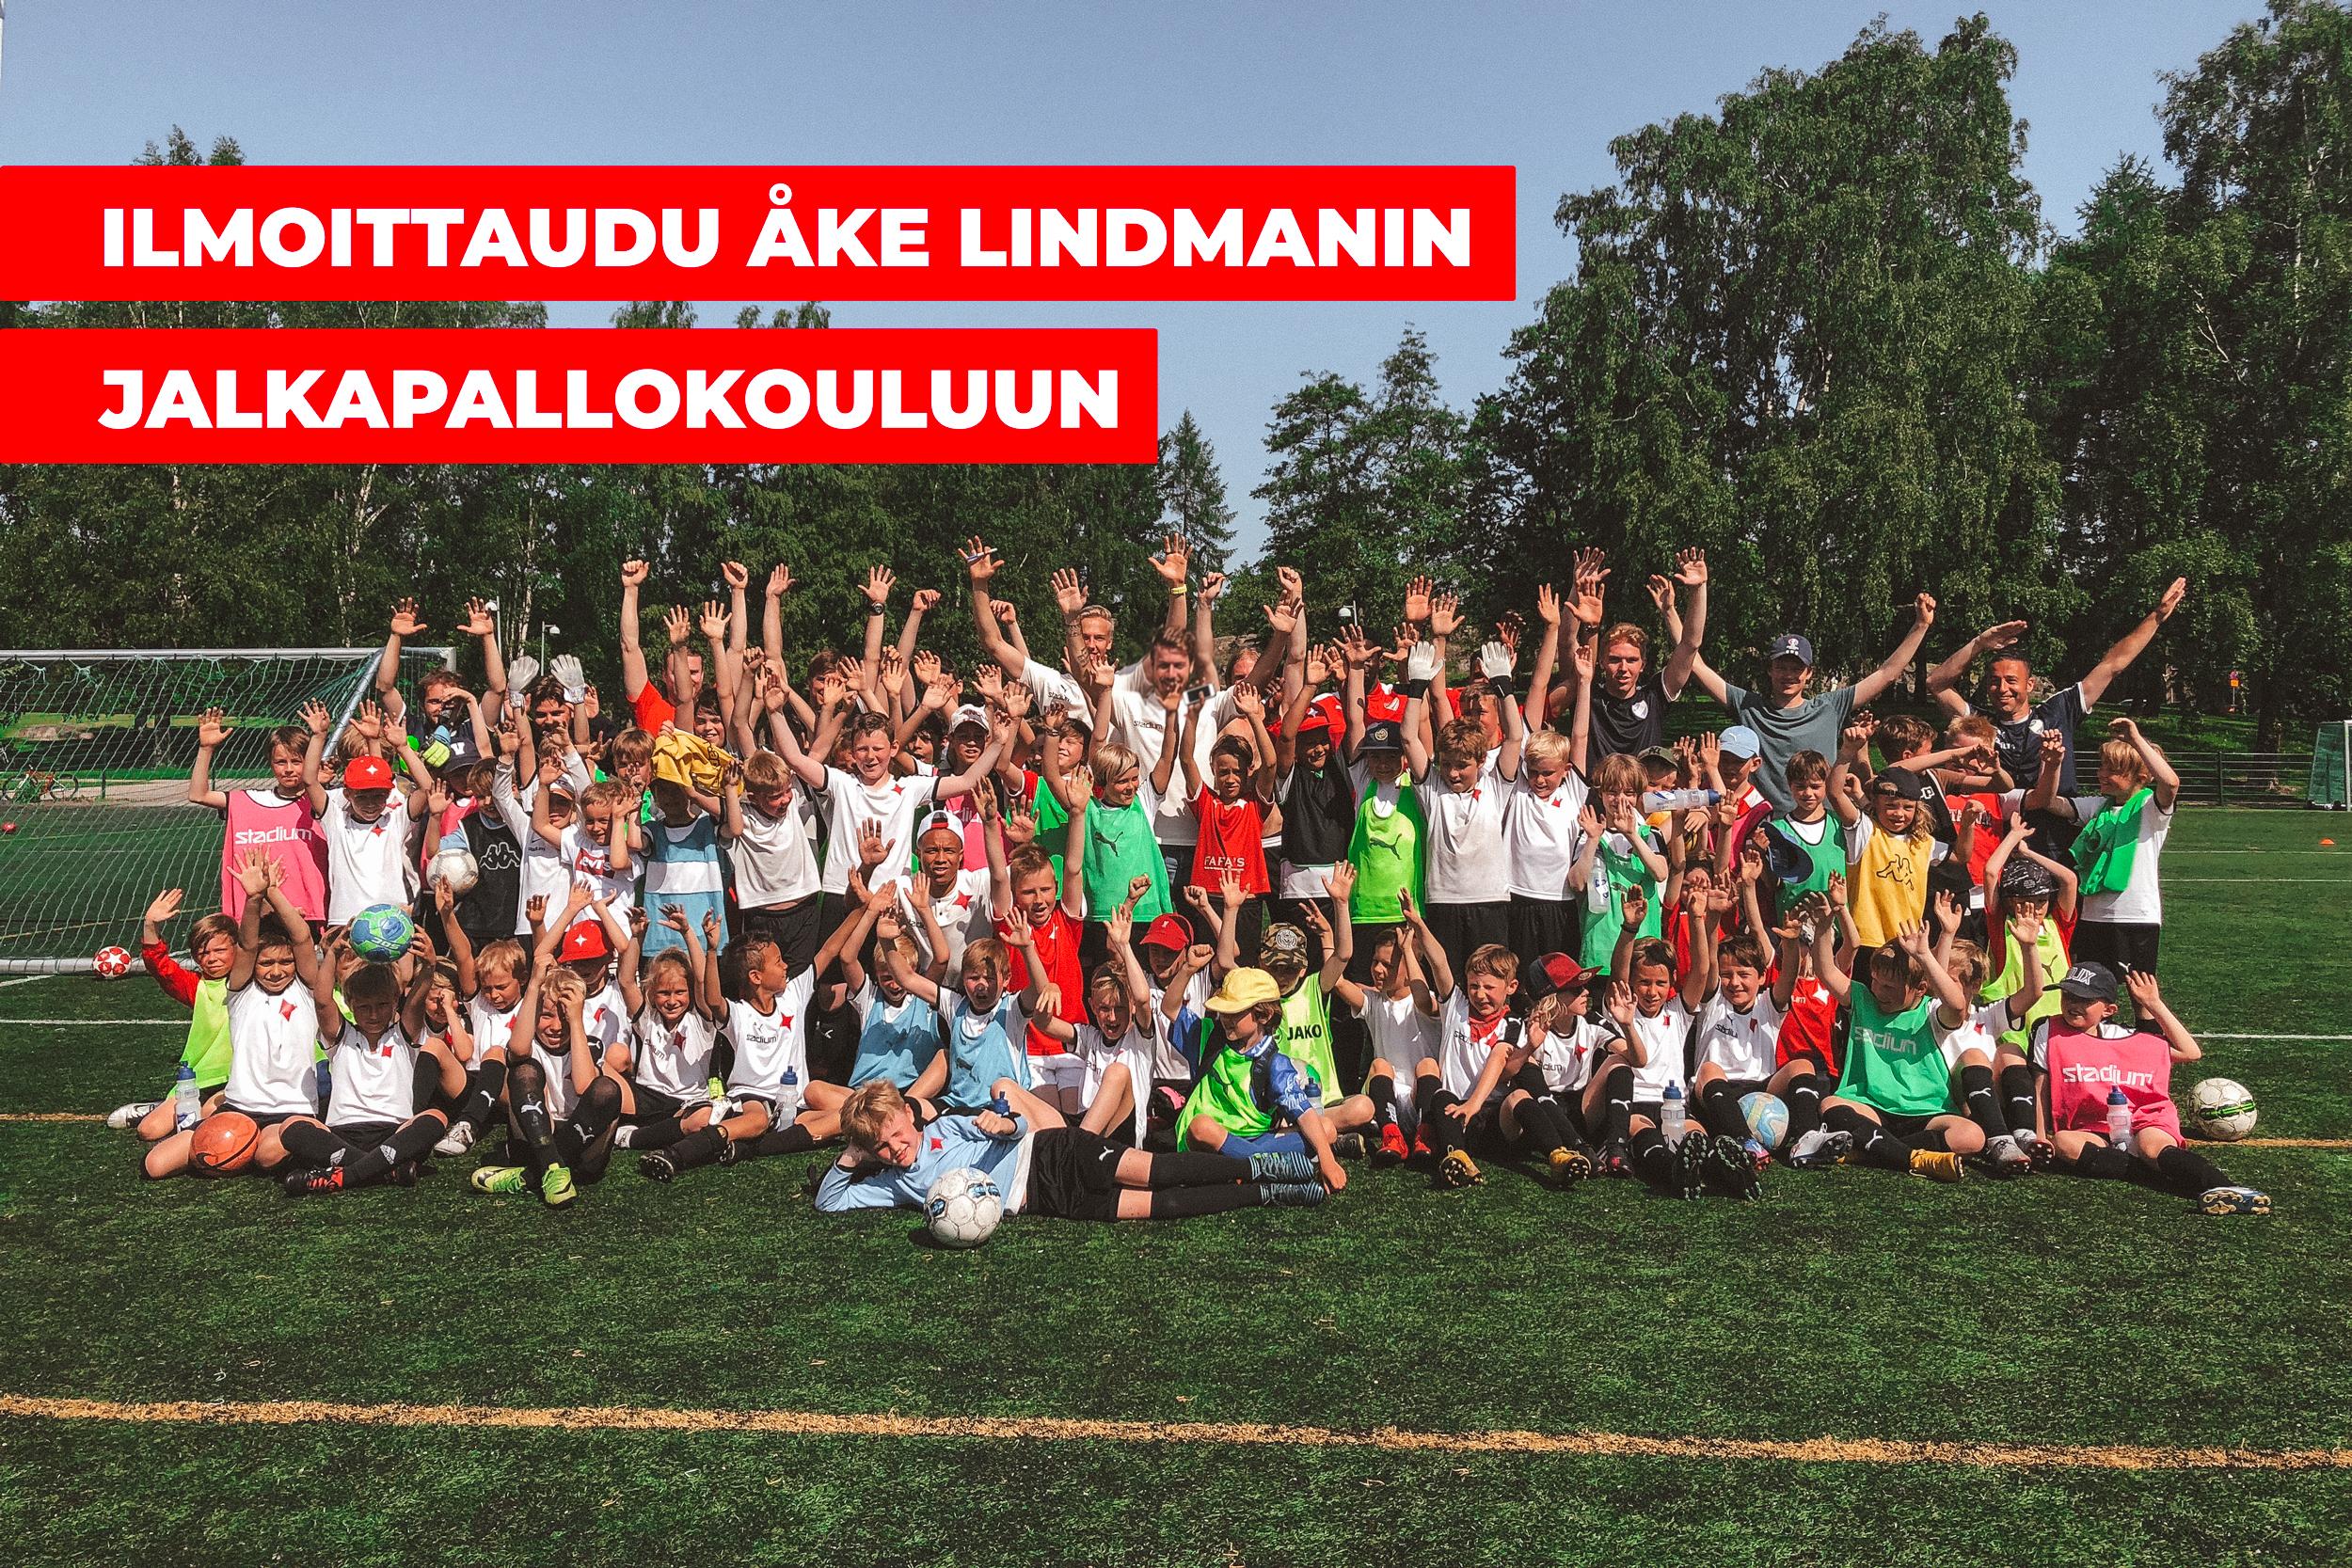 Åke Lindmanin jalkapallokoulu järjestetään kesällä kahteen otteeseen